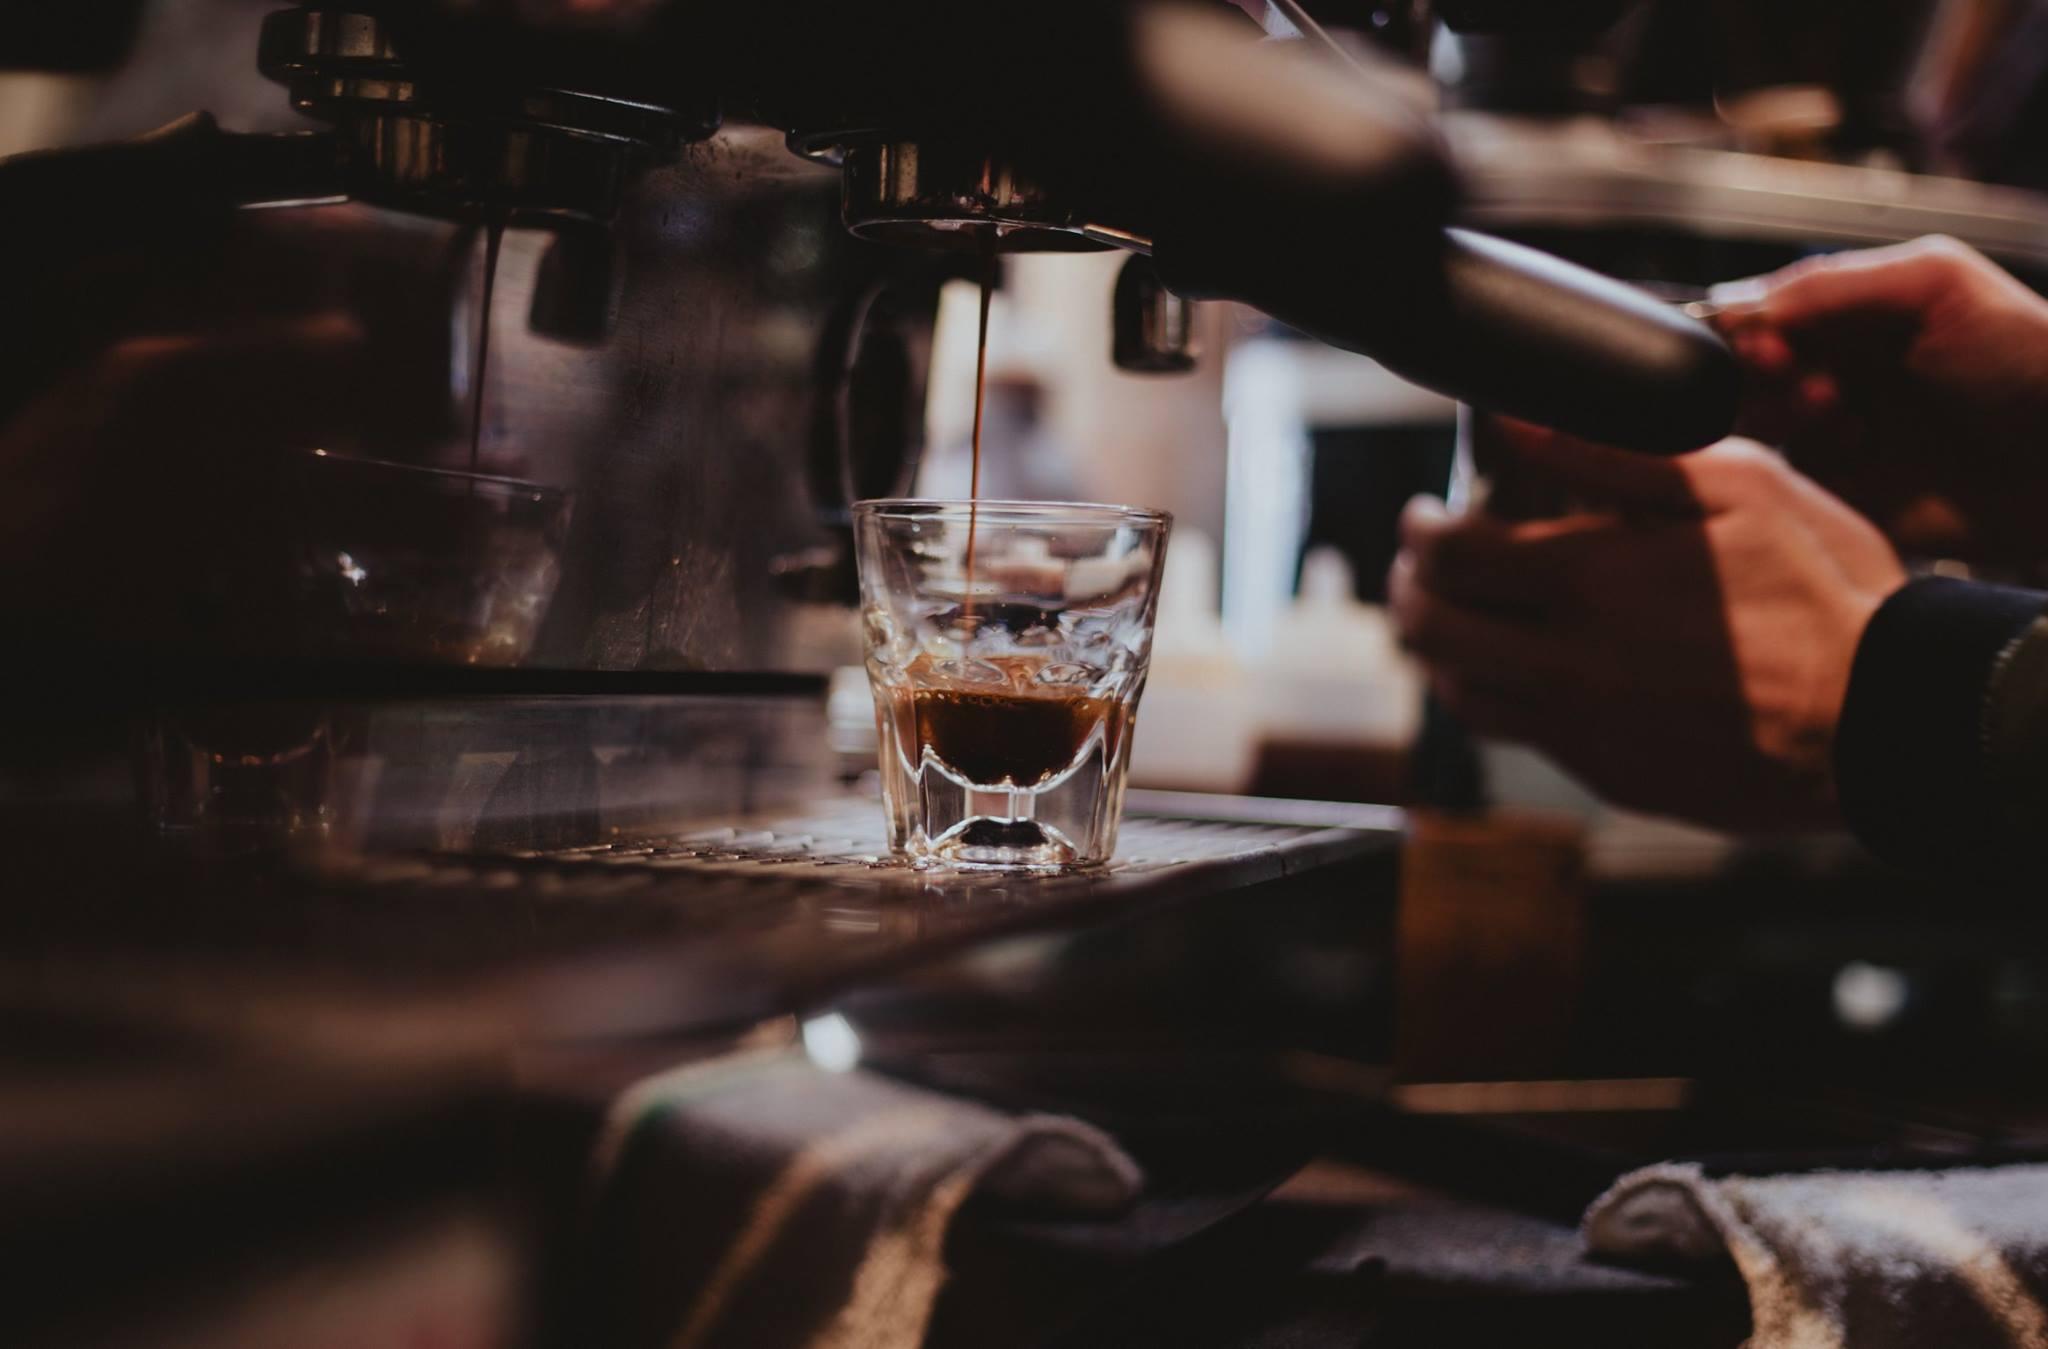 你喝咖啡會心悸嗎?這可能不是咖啡因的問題